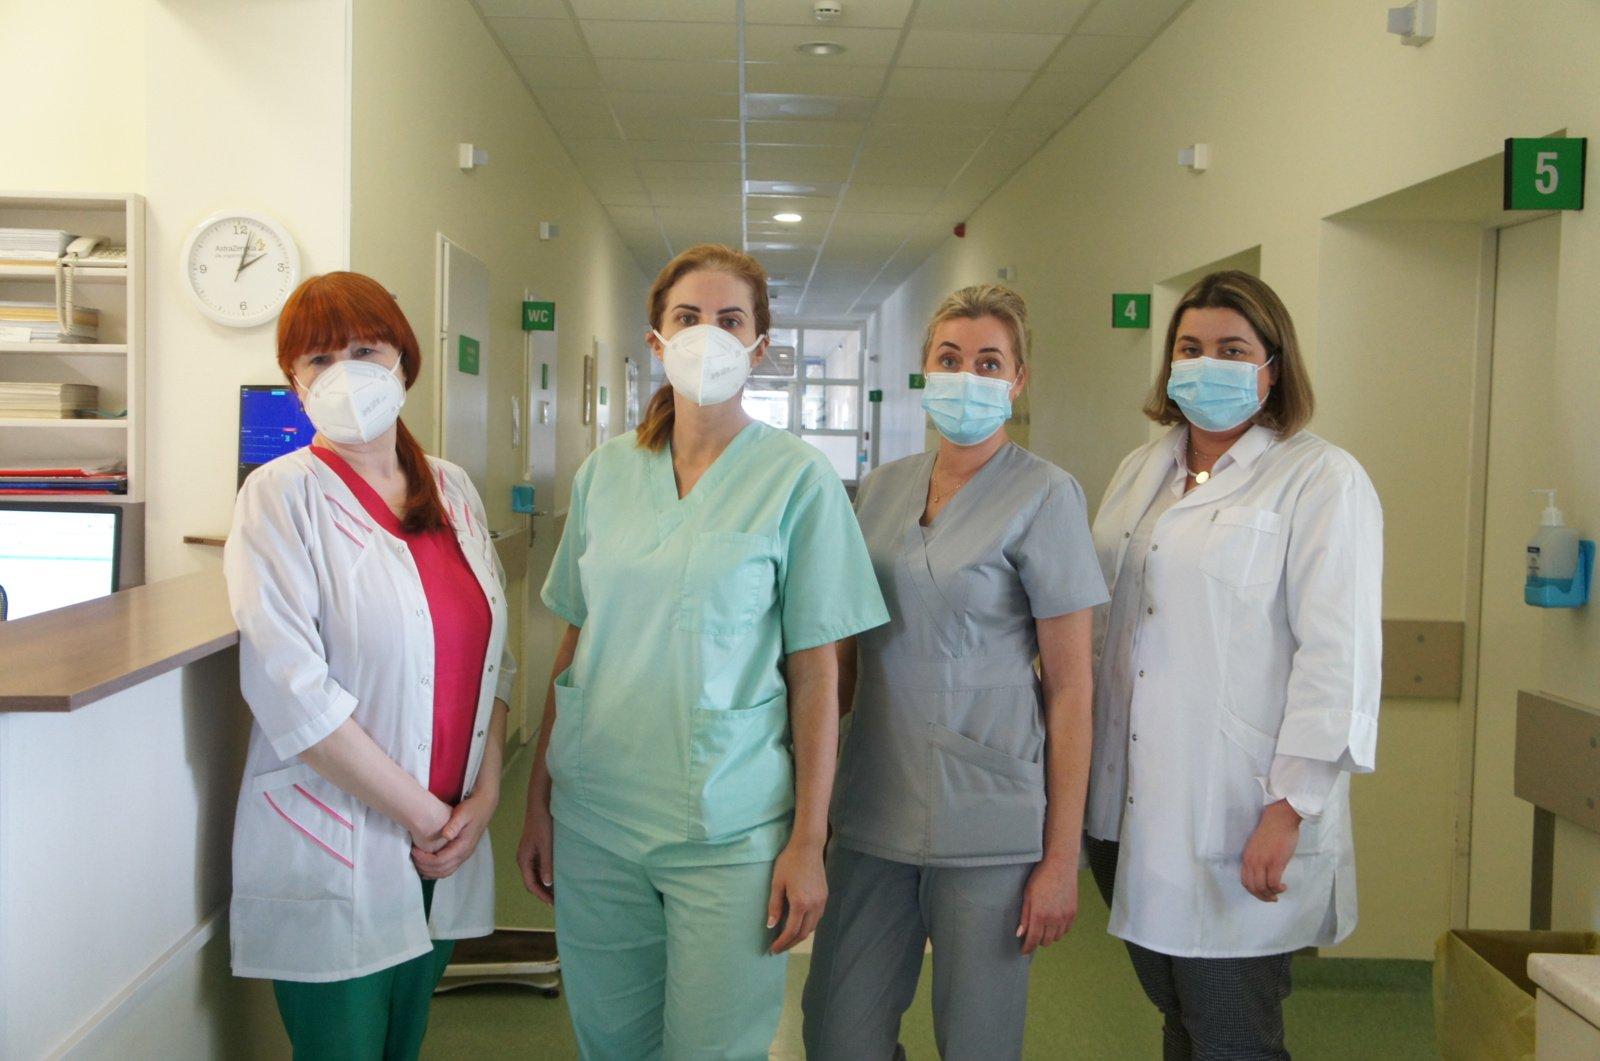 Ligoninės pacientai nuo COVID-19 ligos skiepijami tik sustiprinus sveikatą